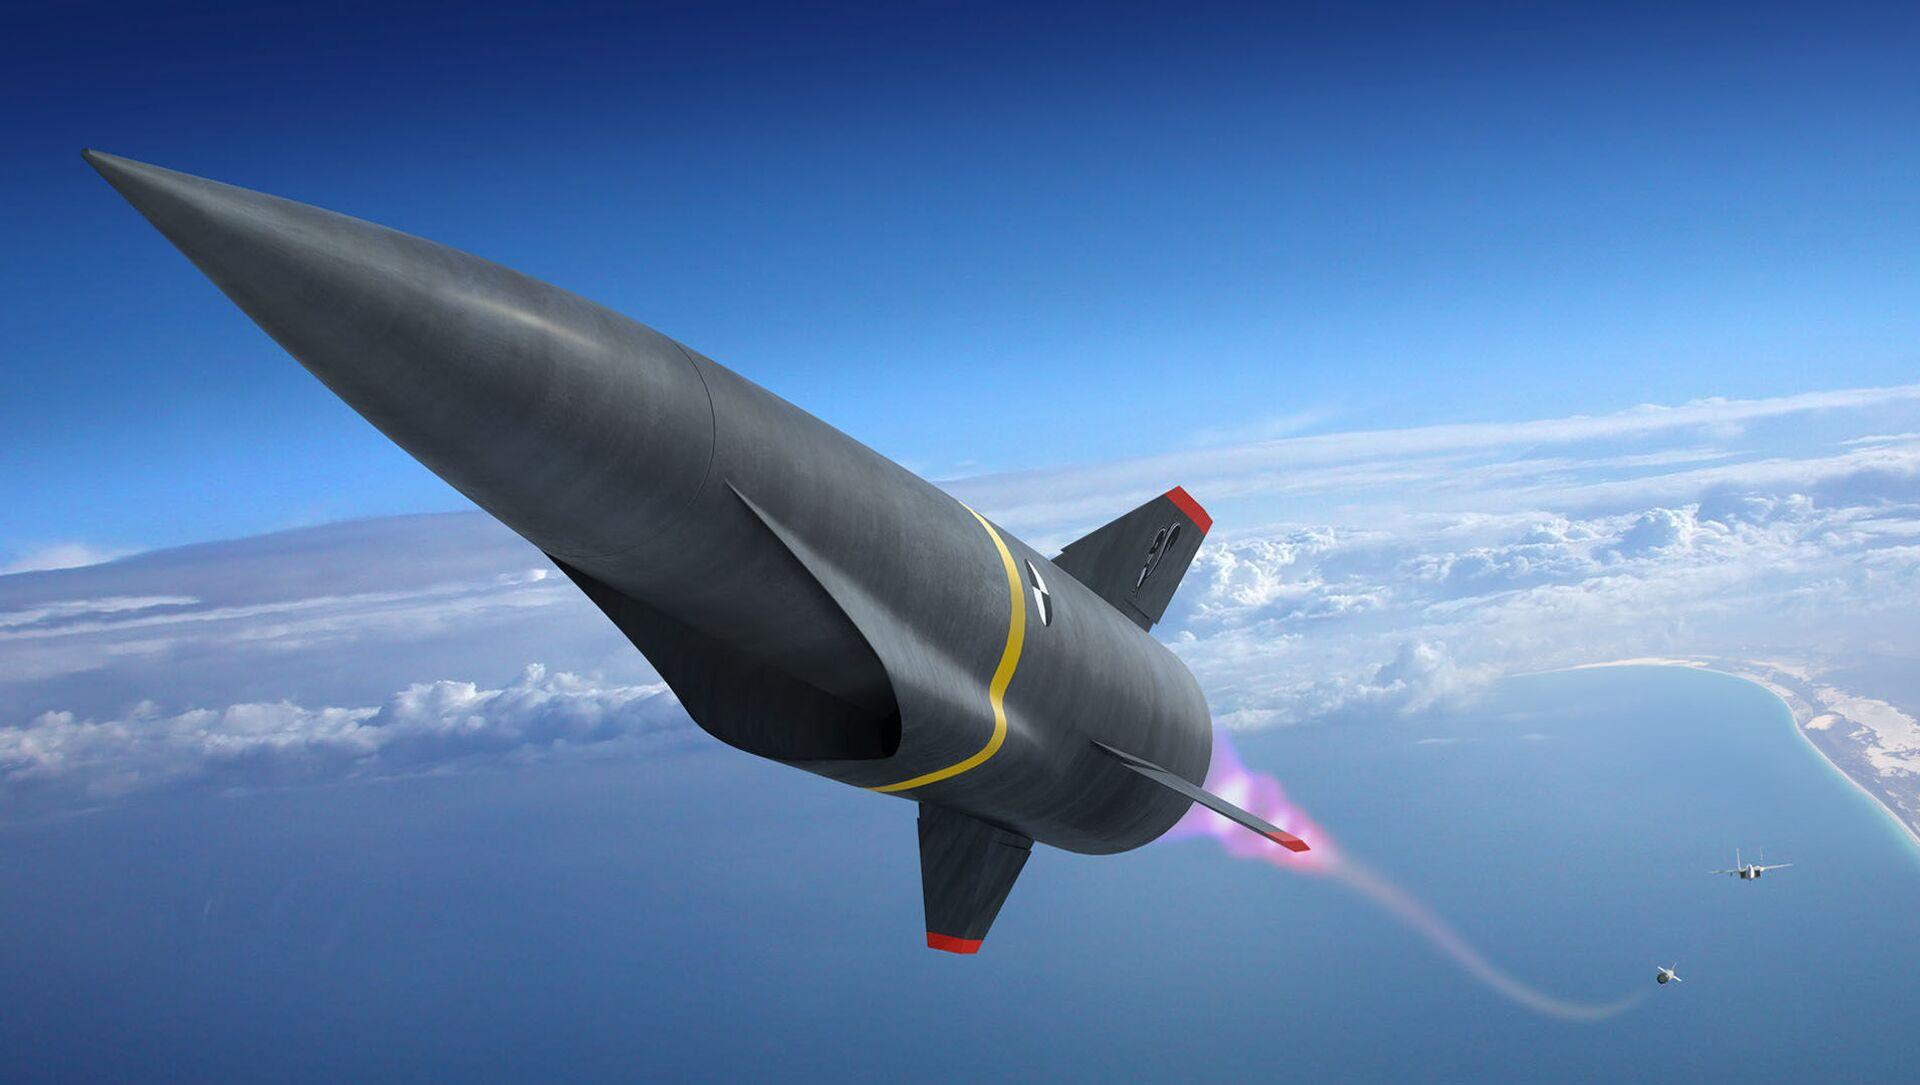 Lancement d'un missile hypersonique (conception d'artiste) - Sputnik France, 1920, 20.02.2021